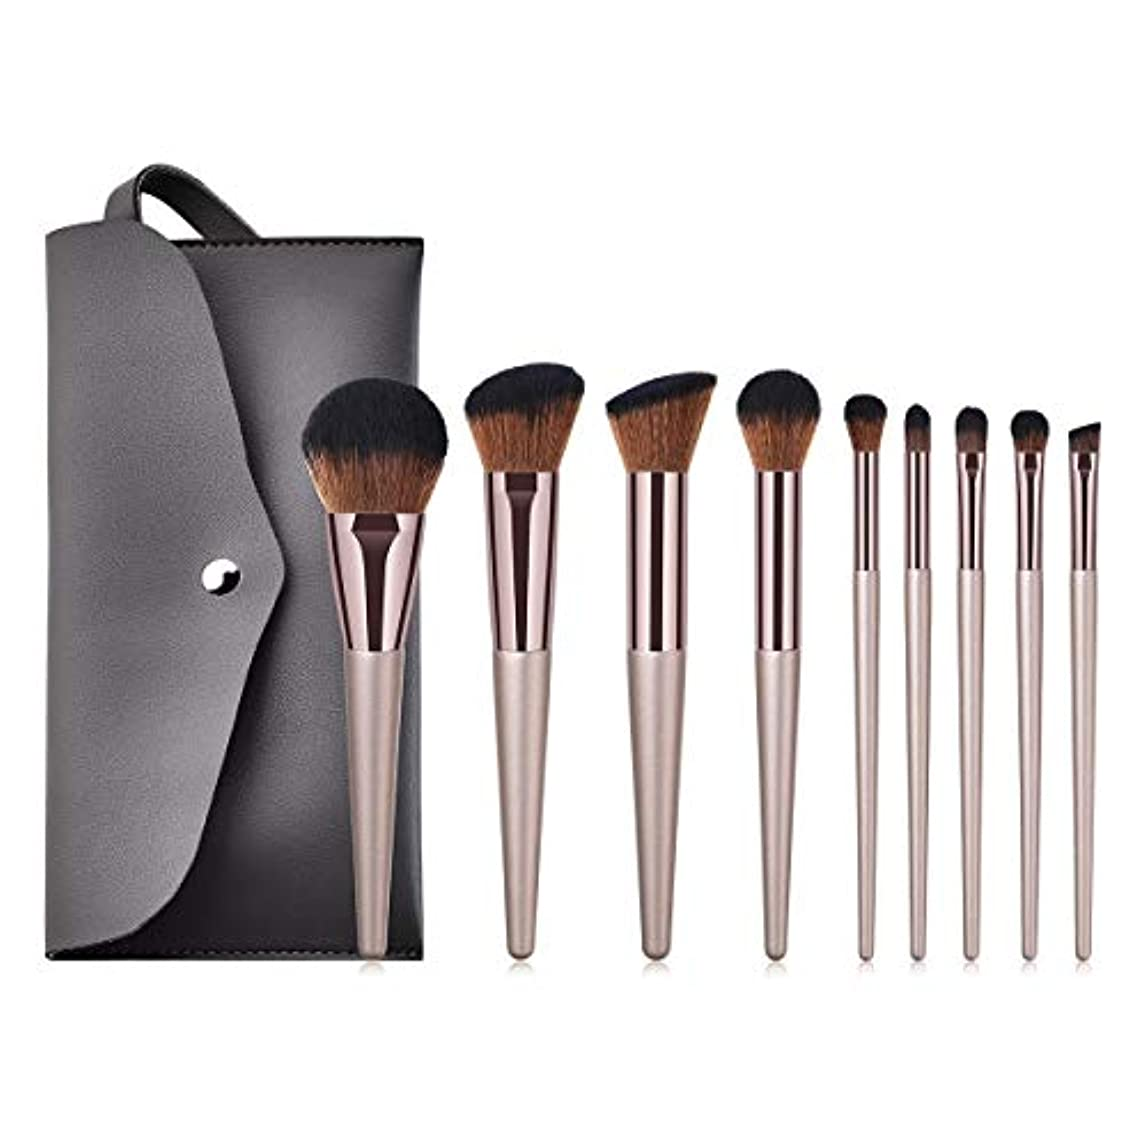 手入れリングバック赤面Makeup brushes PUレザーバッグで設定された豪華な9本の化粧ブラシ suits (Color : Gold)